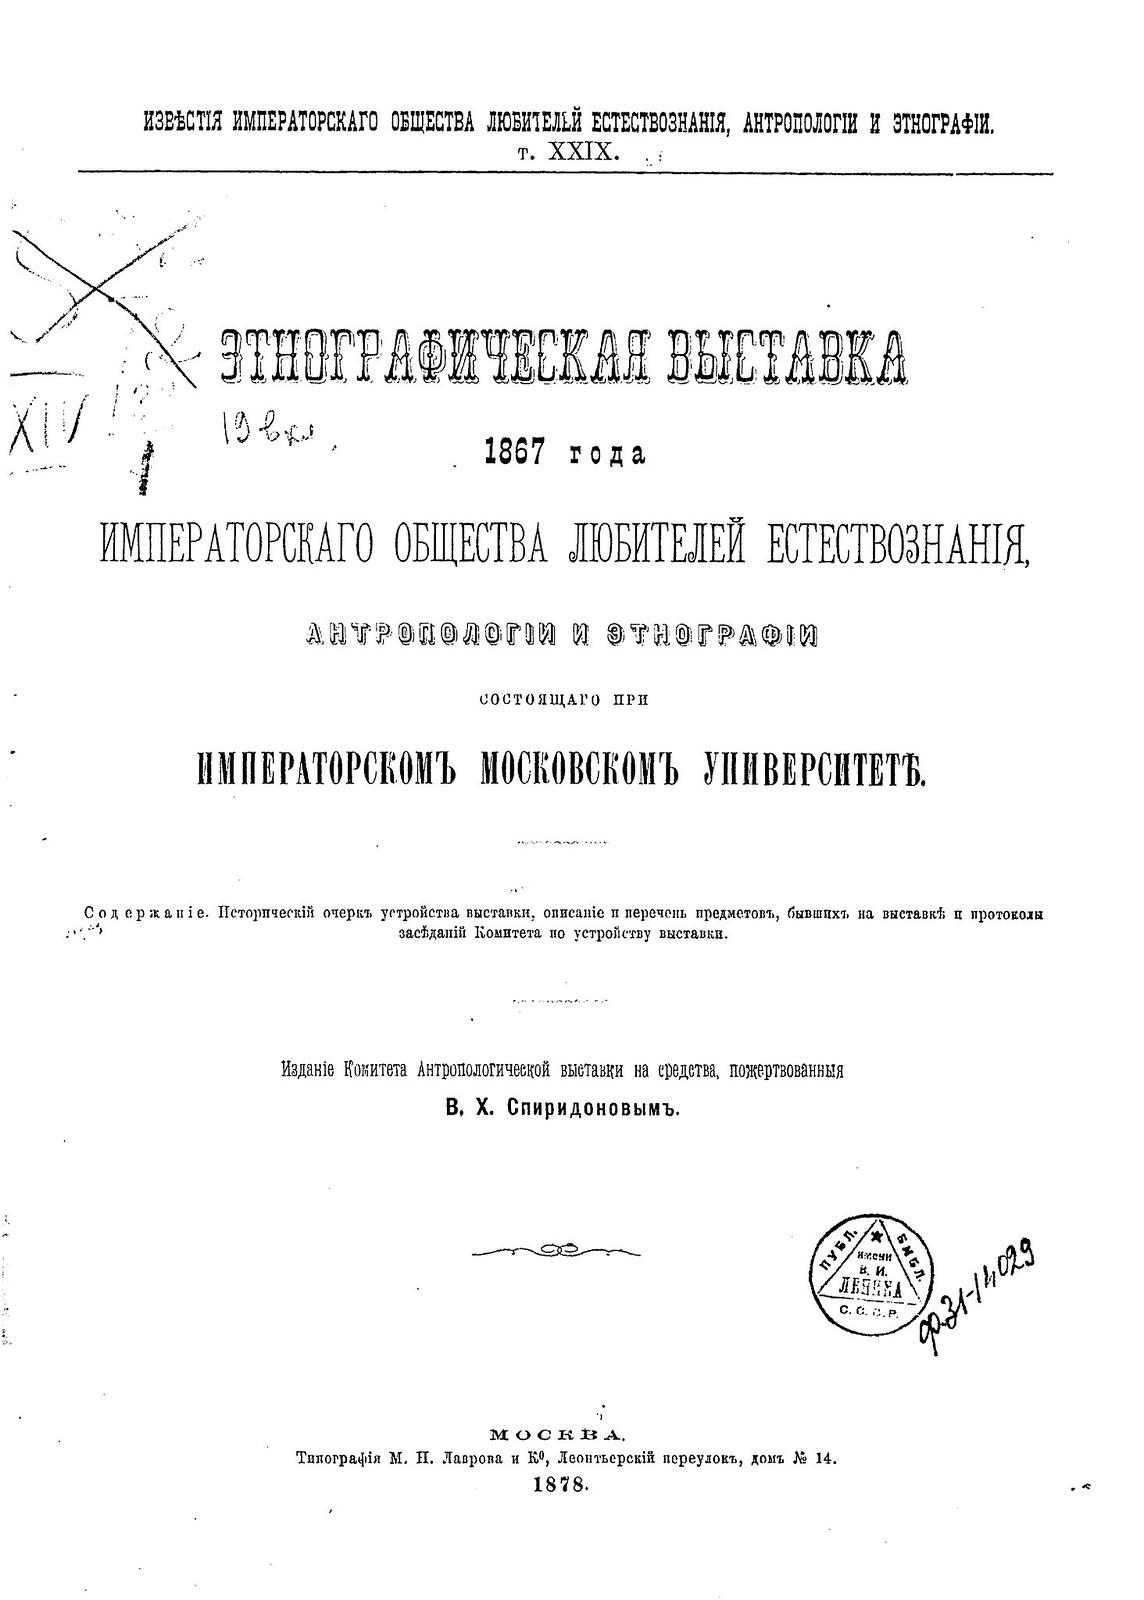 1878. Этнографическая выставка 1867 года Общества любителей естествозн